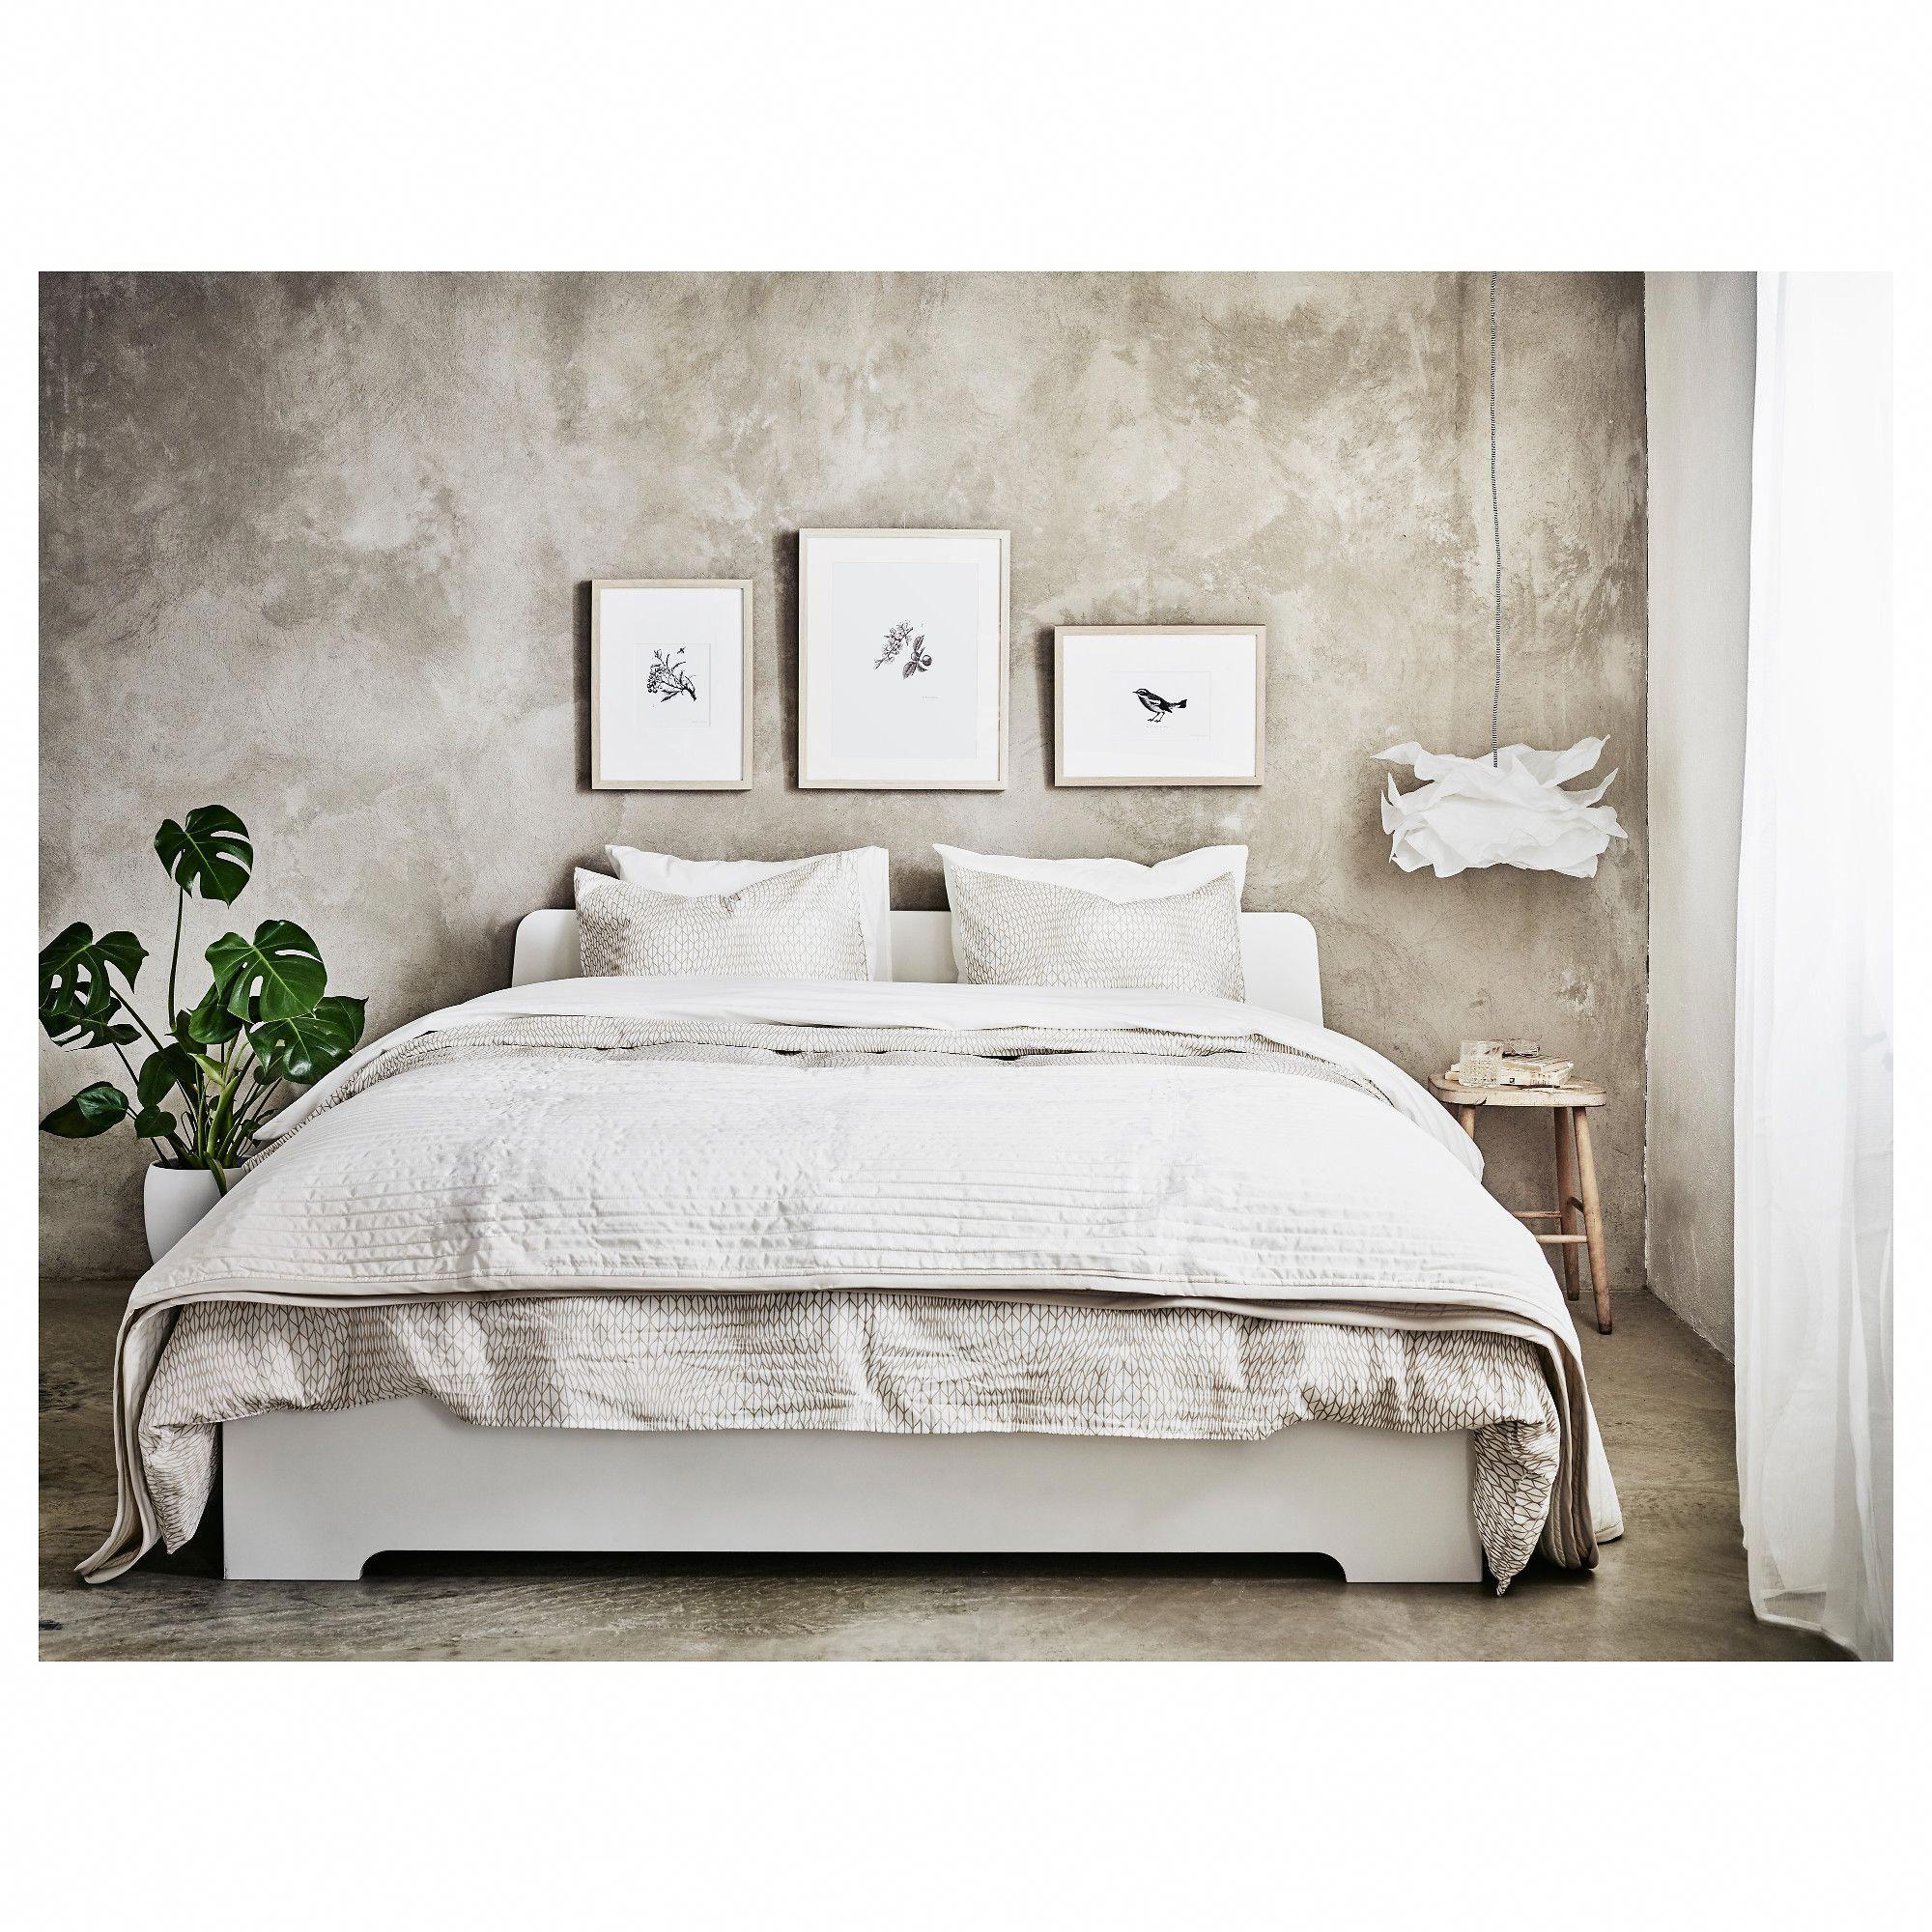 IKEA ASKVOLL Bed frame white, Luröy shabbychicfurniture